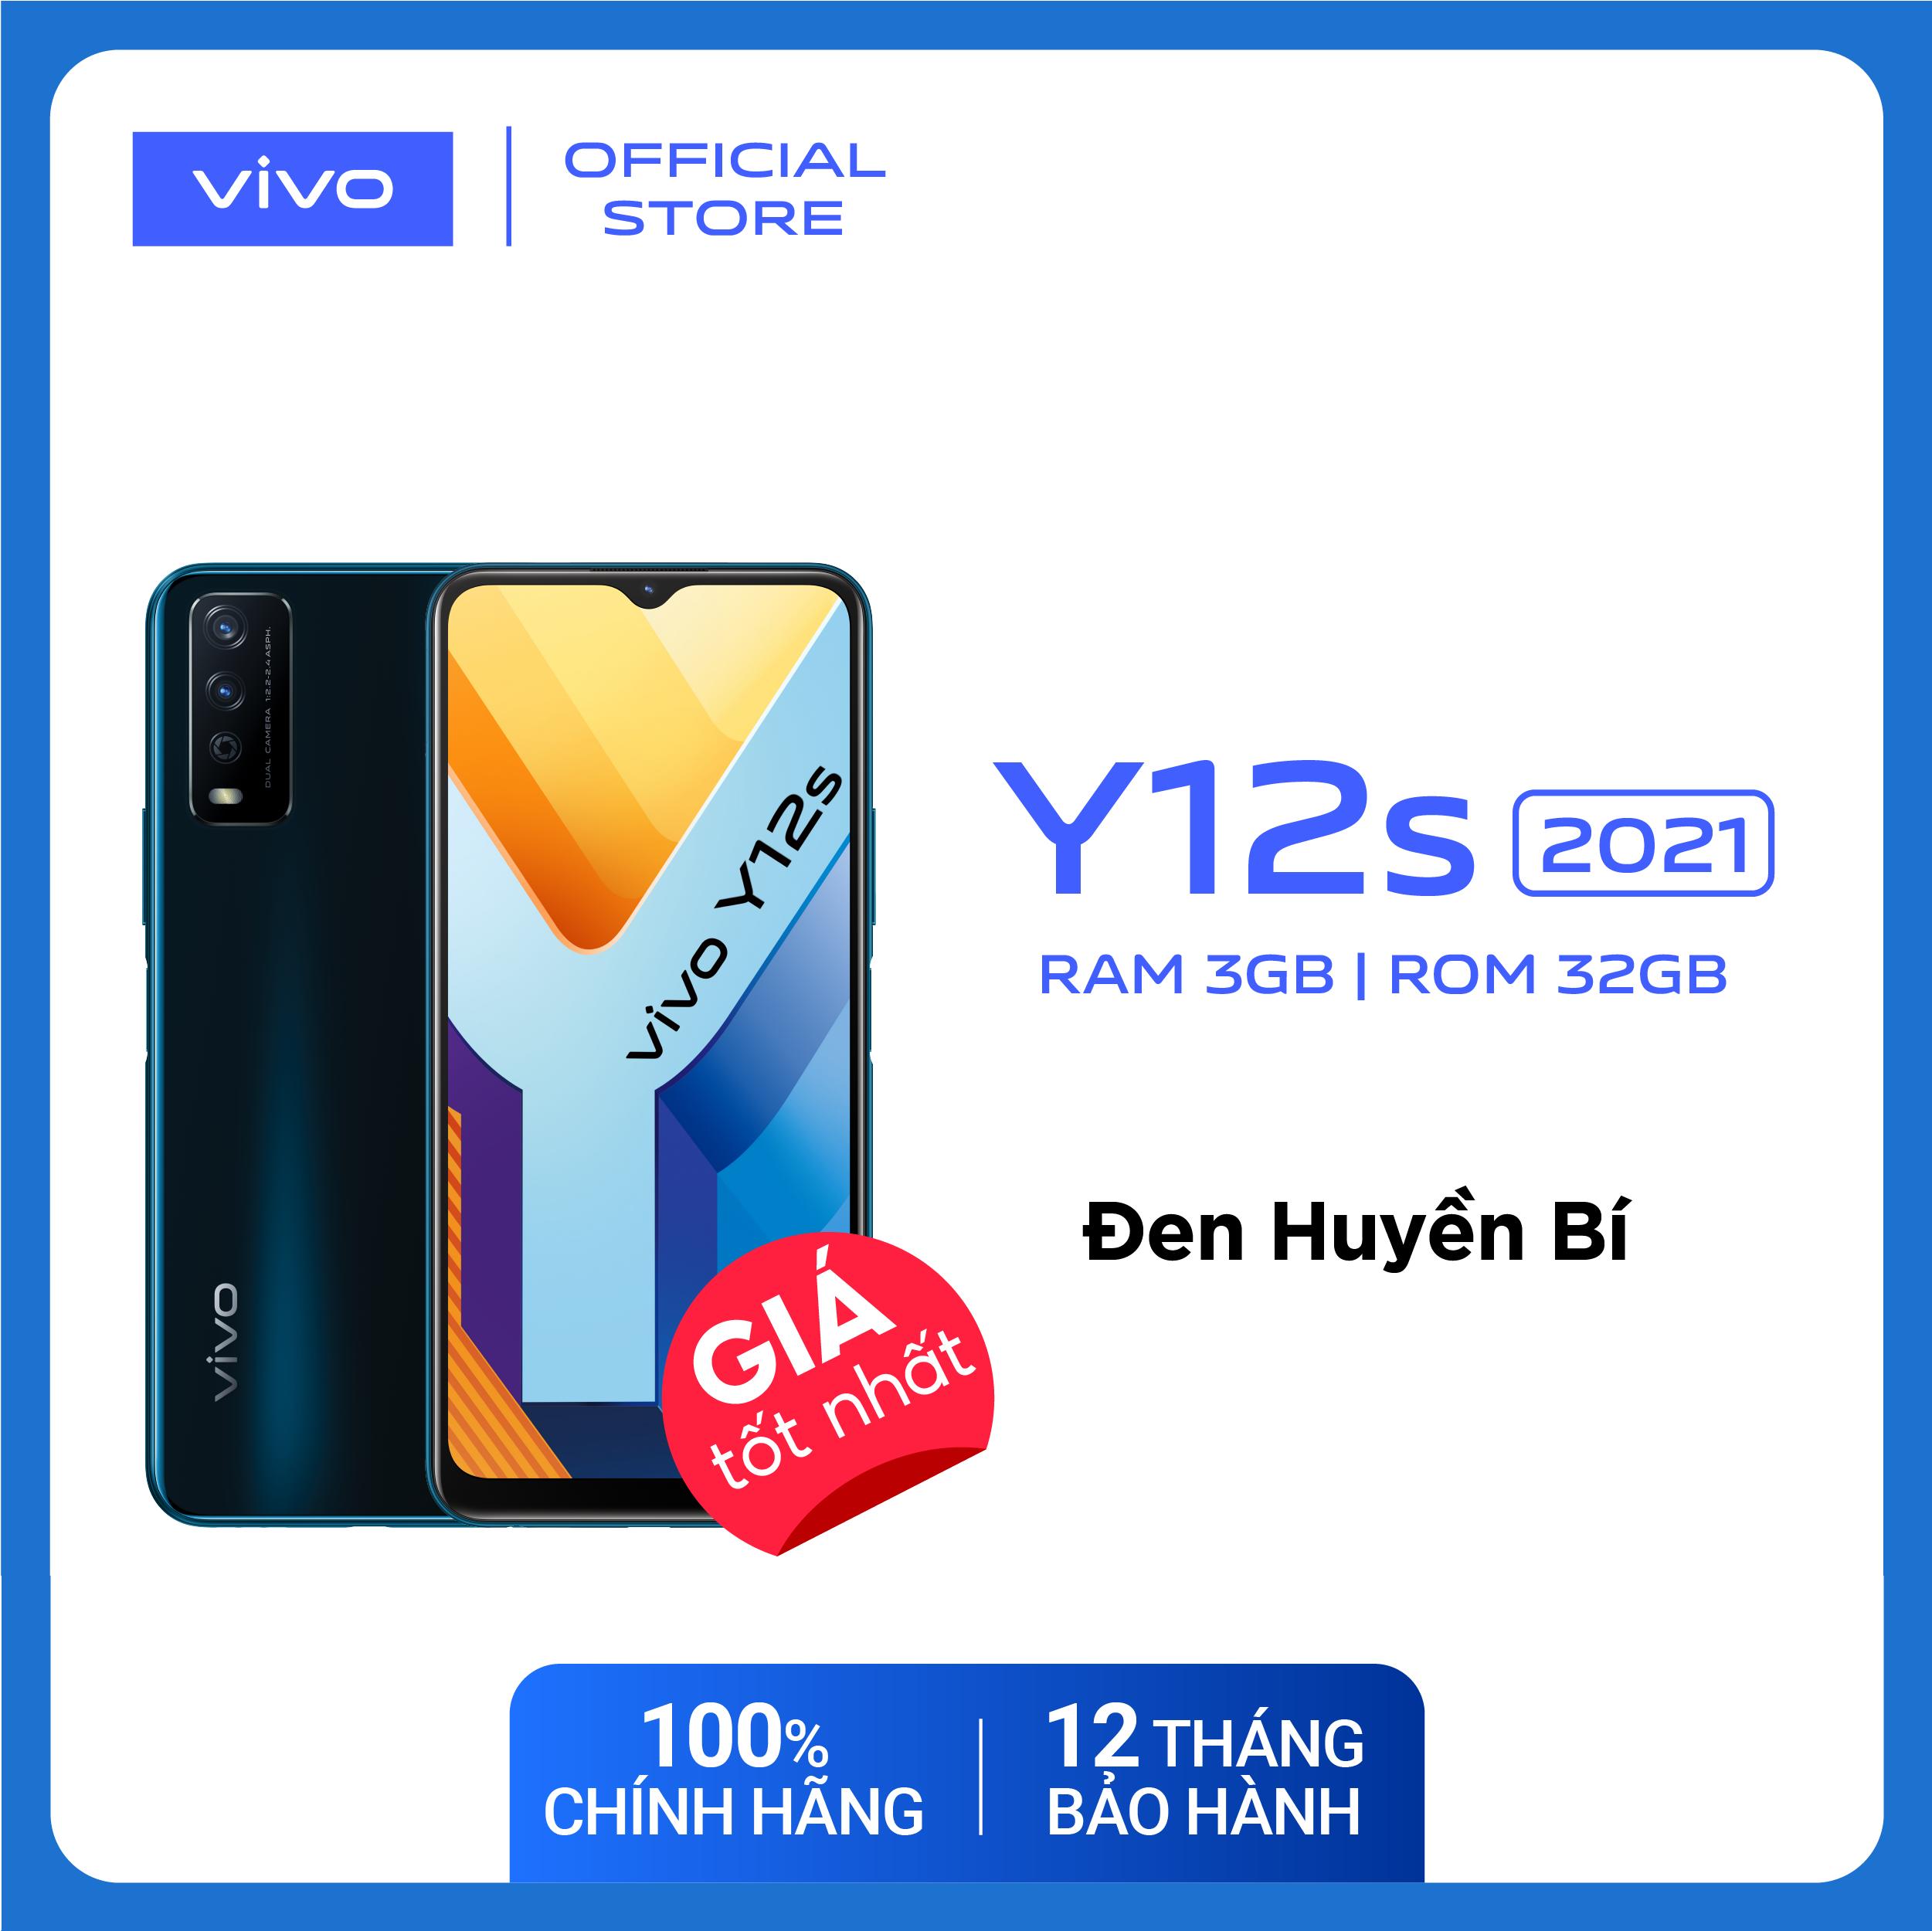 Điện thoại Vivo Y12s 2021 (3GB/32GB) - Hàng chính hãng - Bảo hành 12 tháng - Freeship